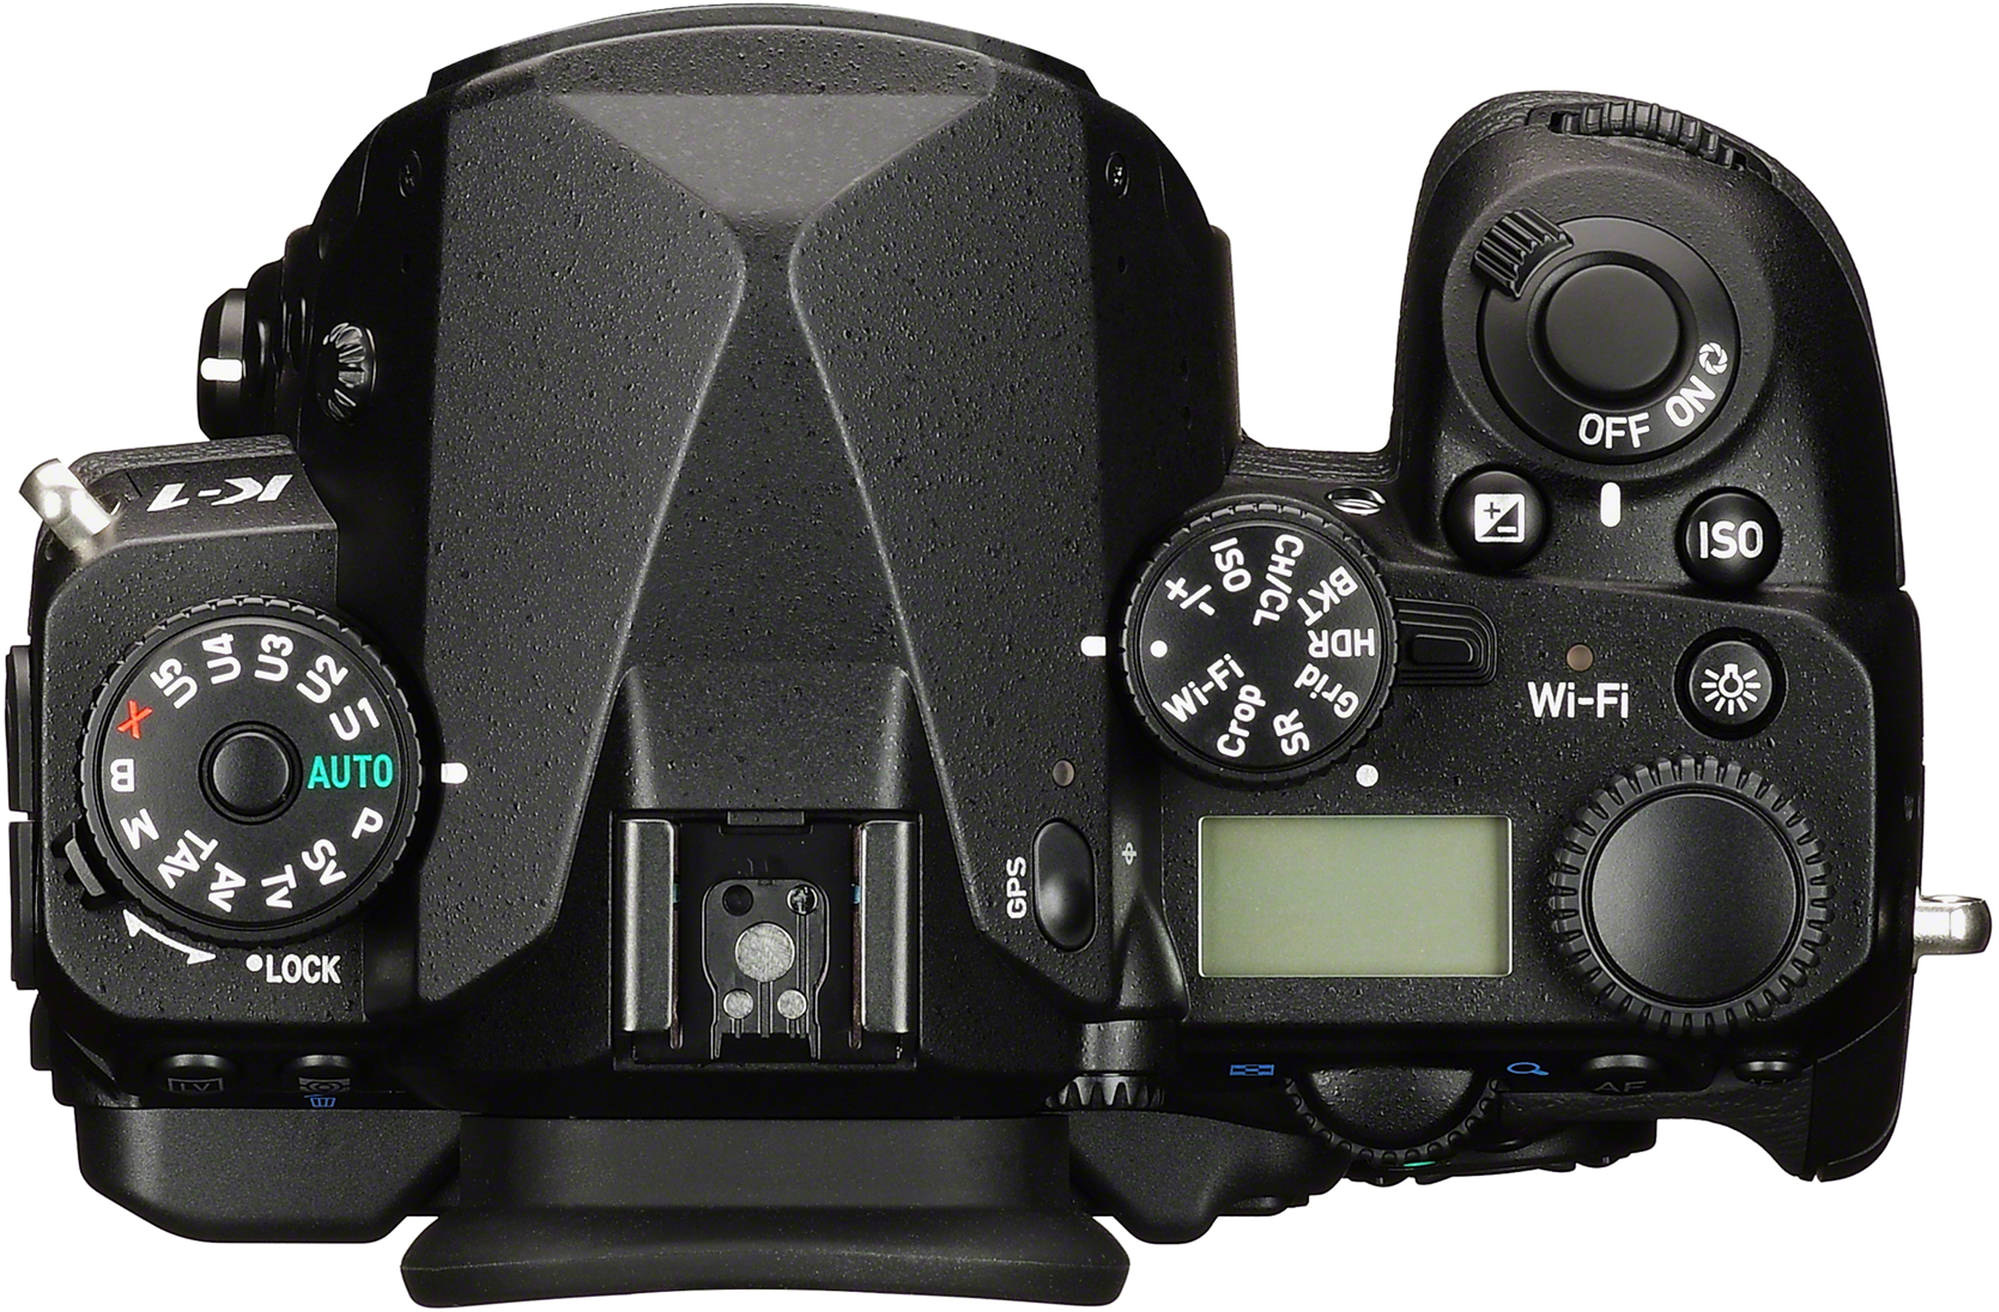 фотоаппарат кадров в секунду который раз убеждаемся